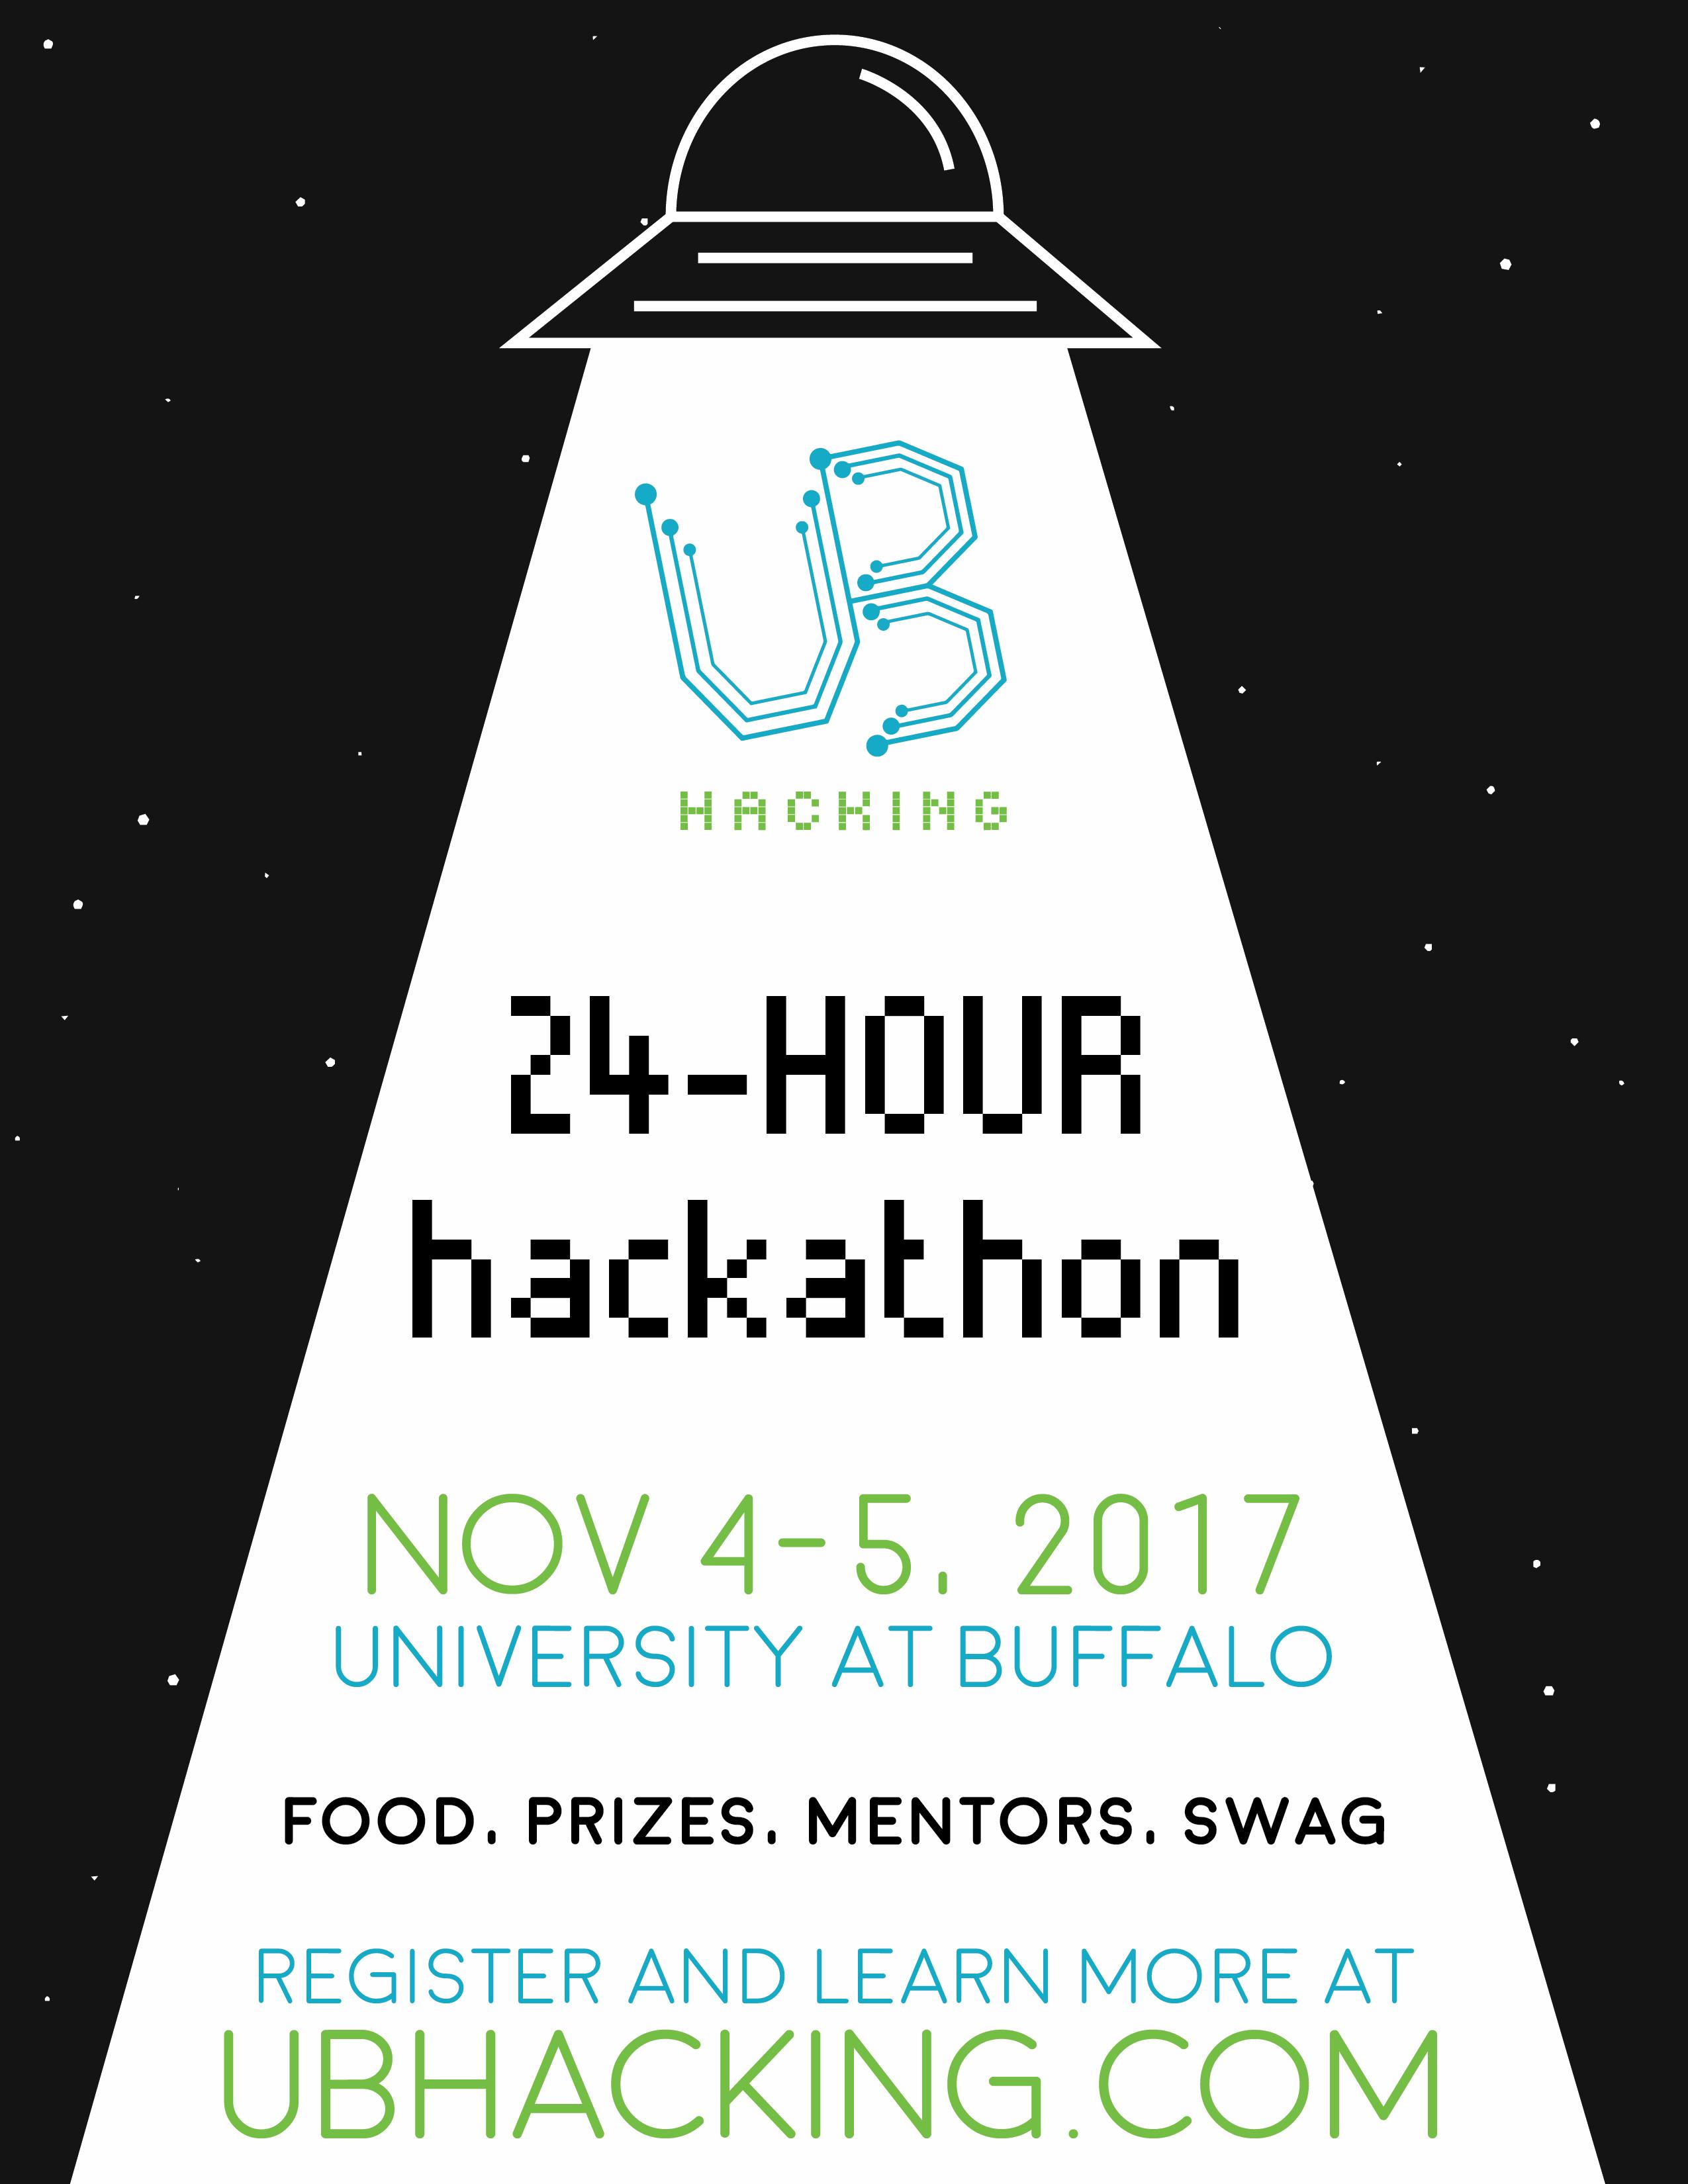 UB Hacking